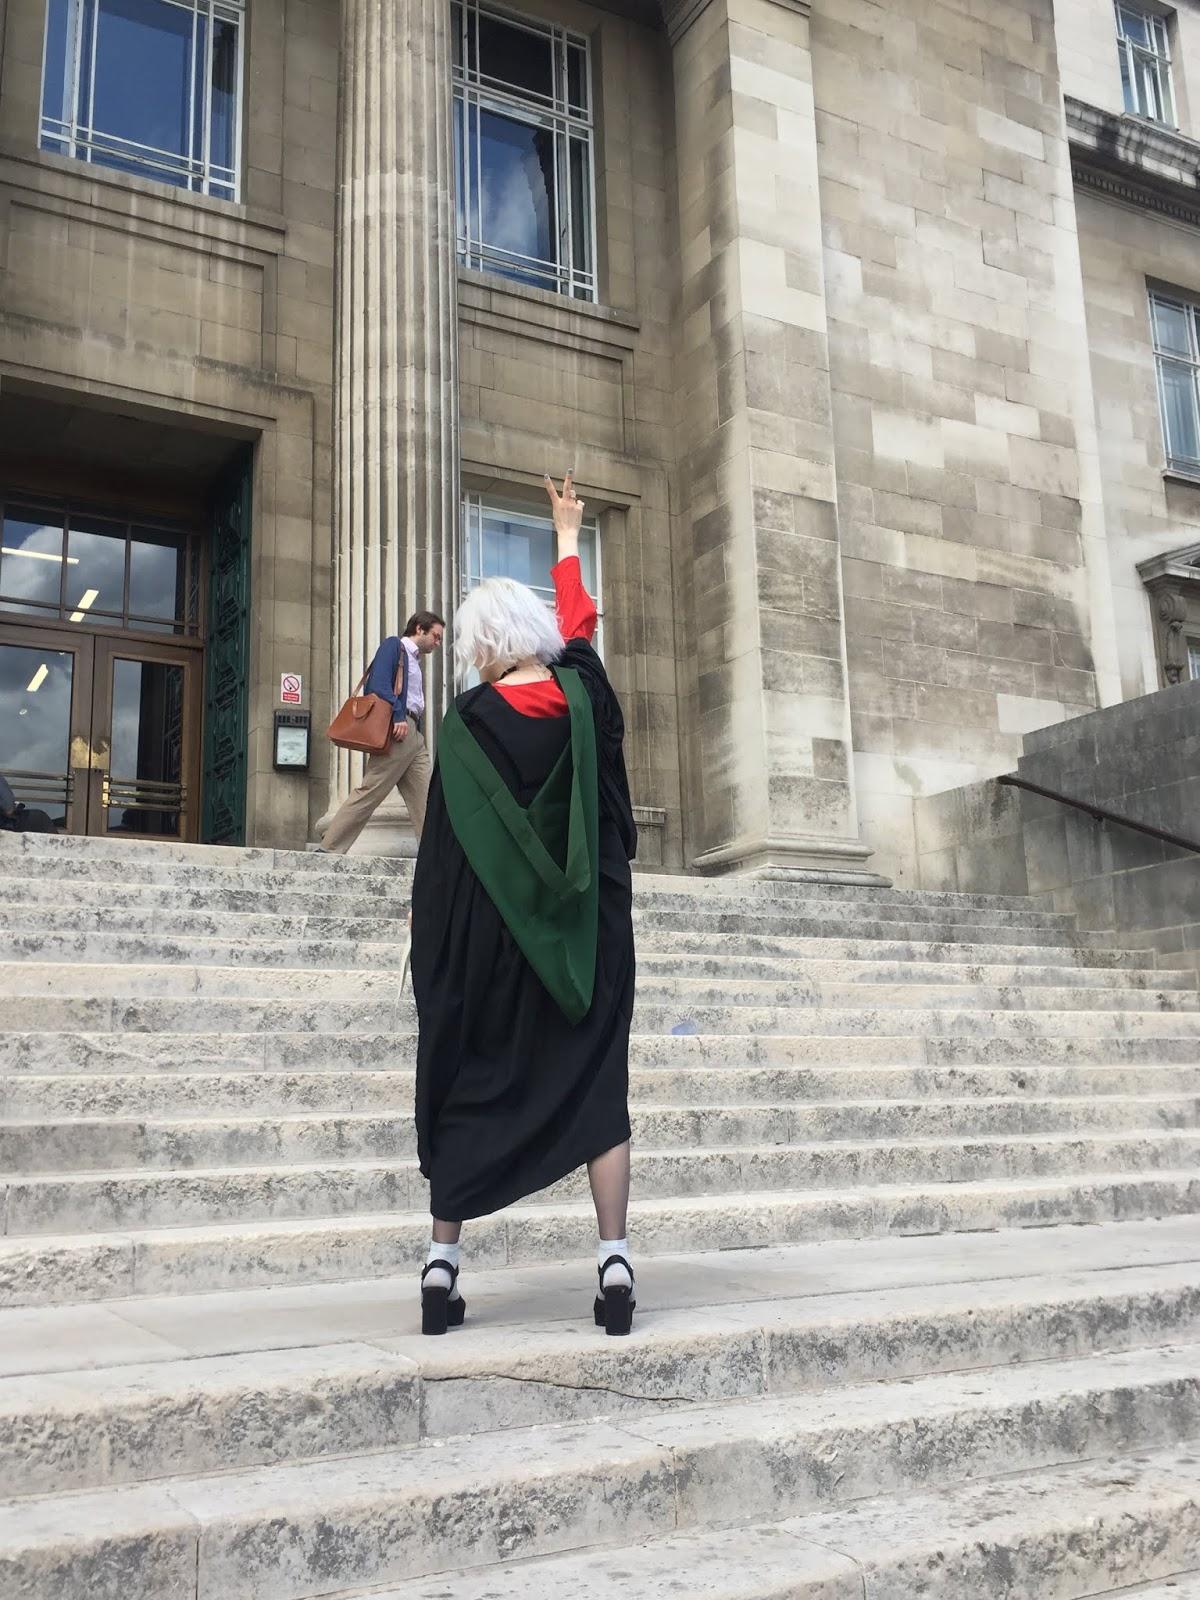 University of Leeds graduate on Parkinson steps making a V sign